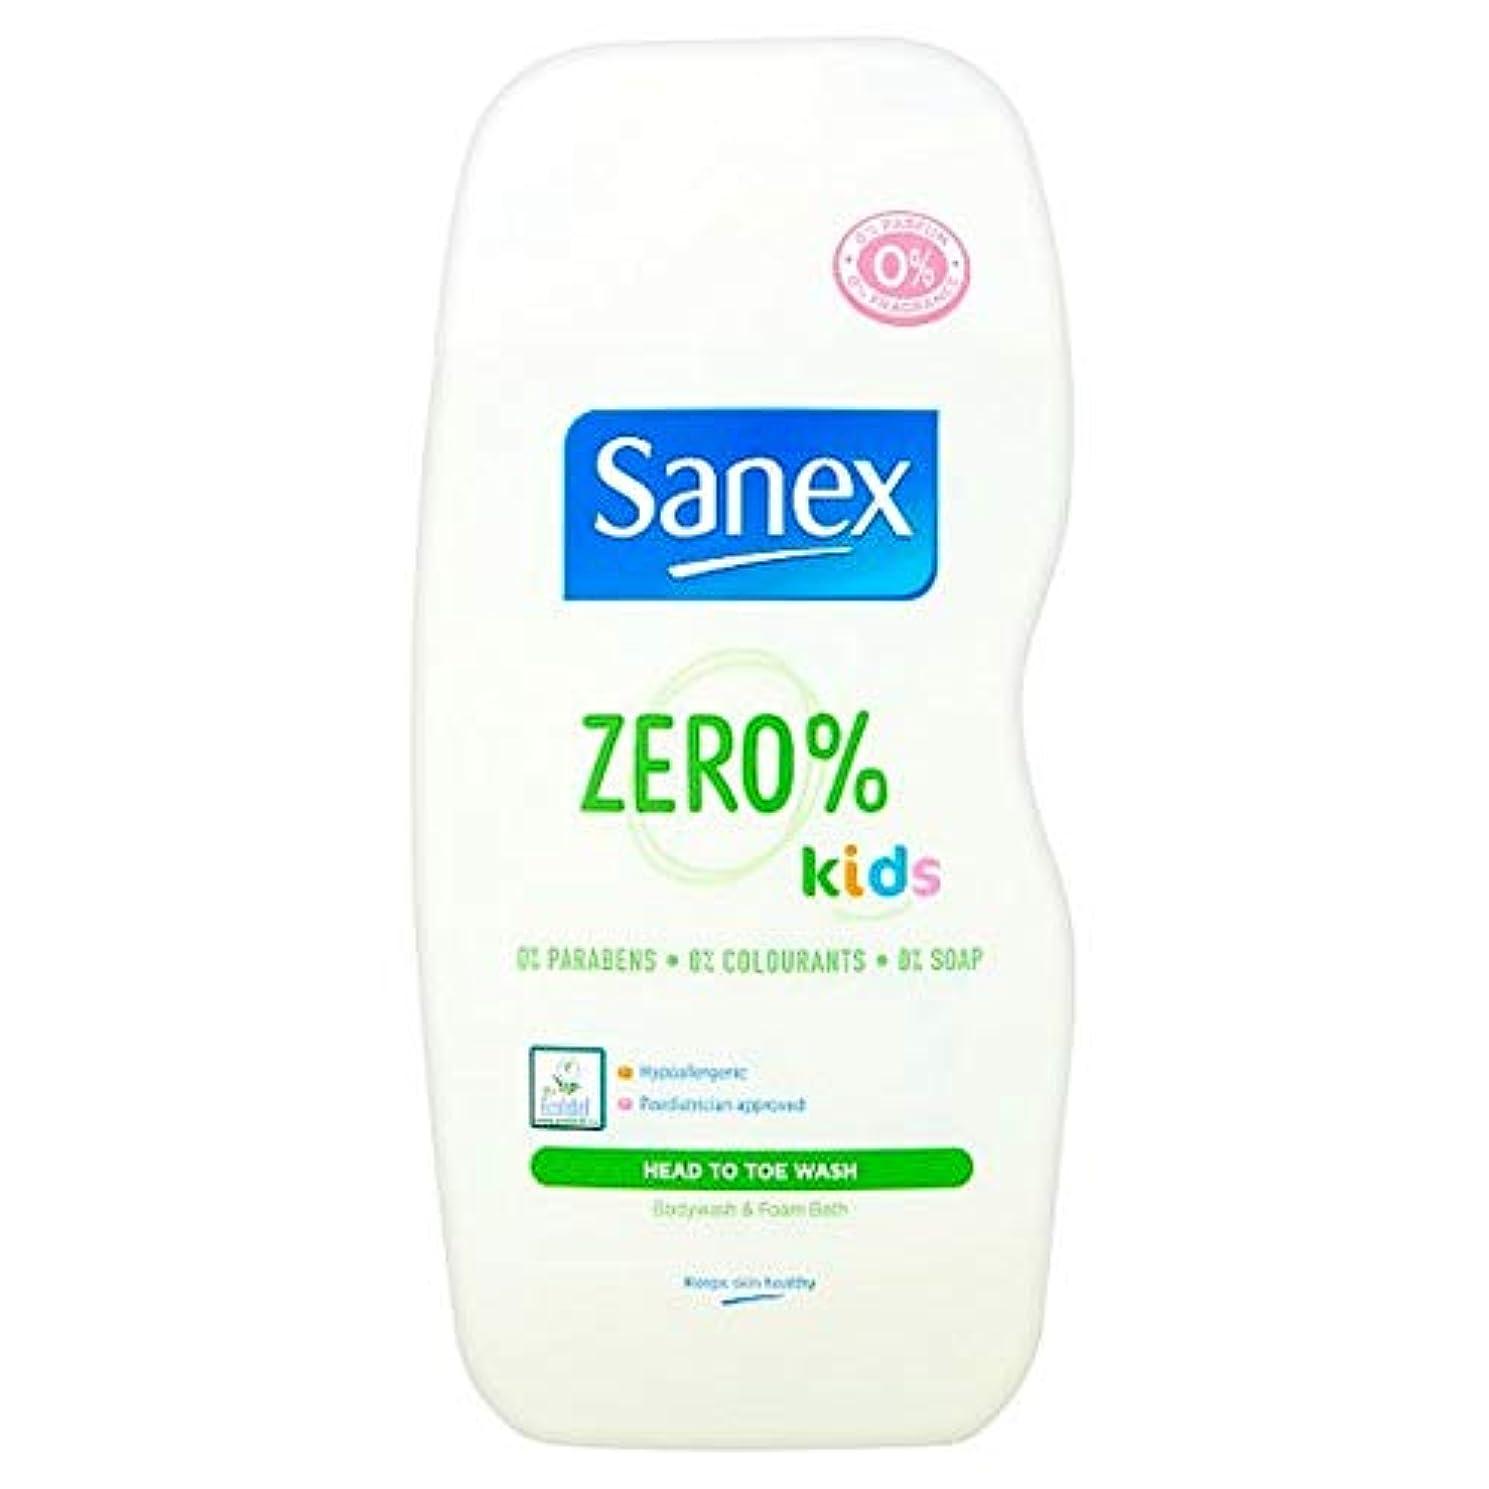 甘やかす青写真授業料[Sanex] Sanexゼロ%キッズボディウォッシュとFoambath 500ミリリットル - Sanex Zero% Kids Body Wash And Foambath 500Ml [並行輸入品]